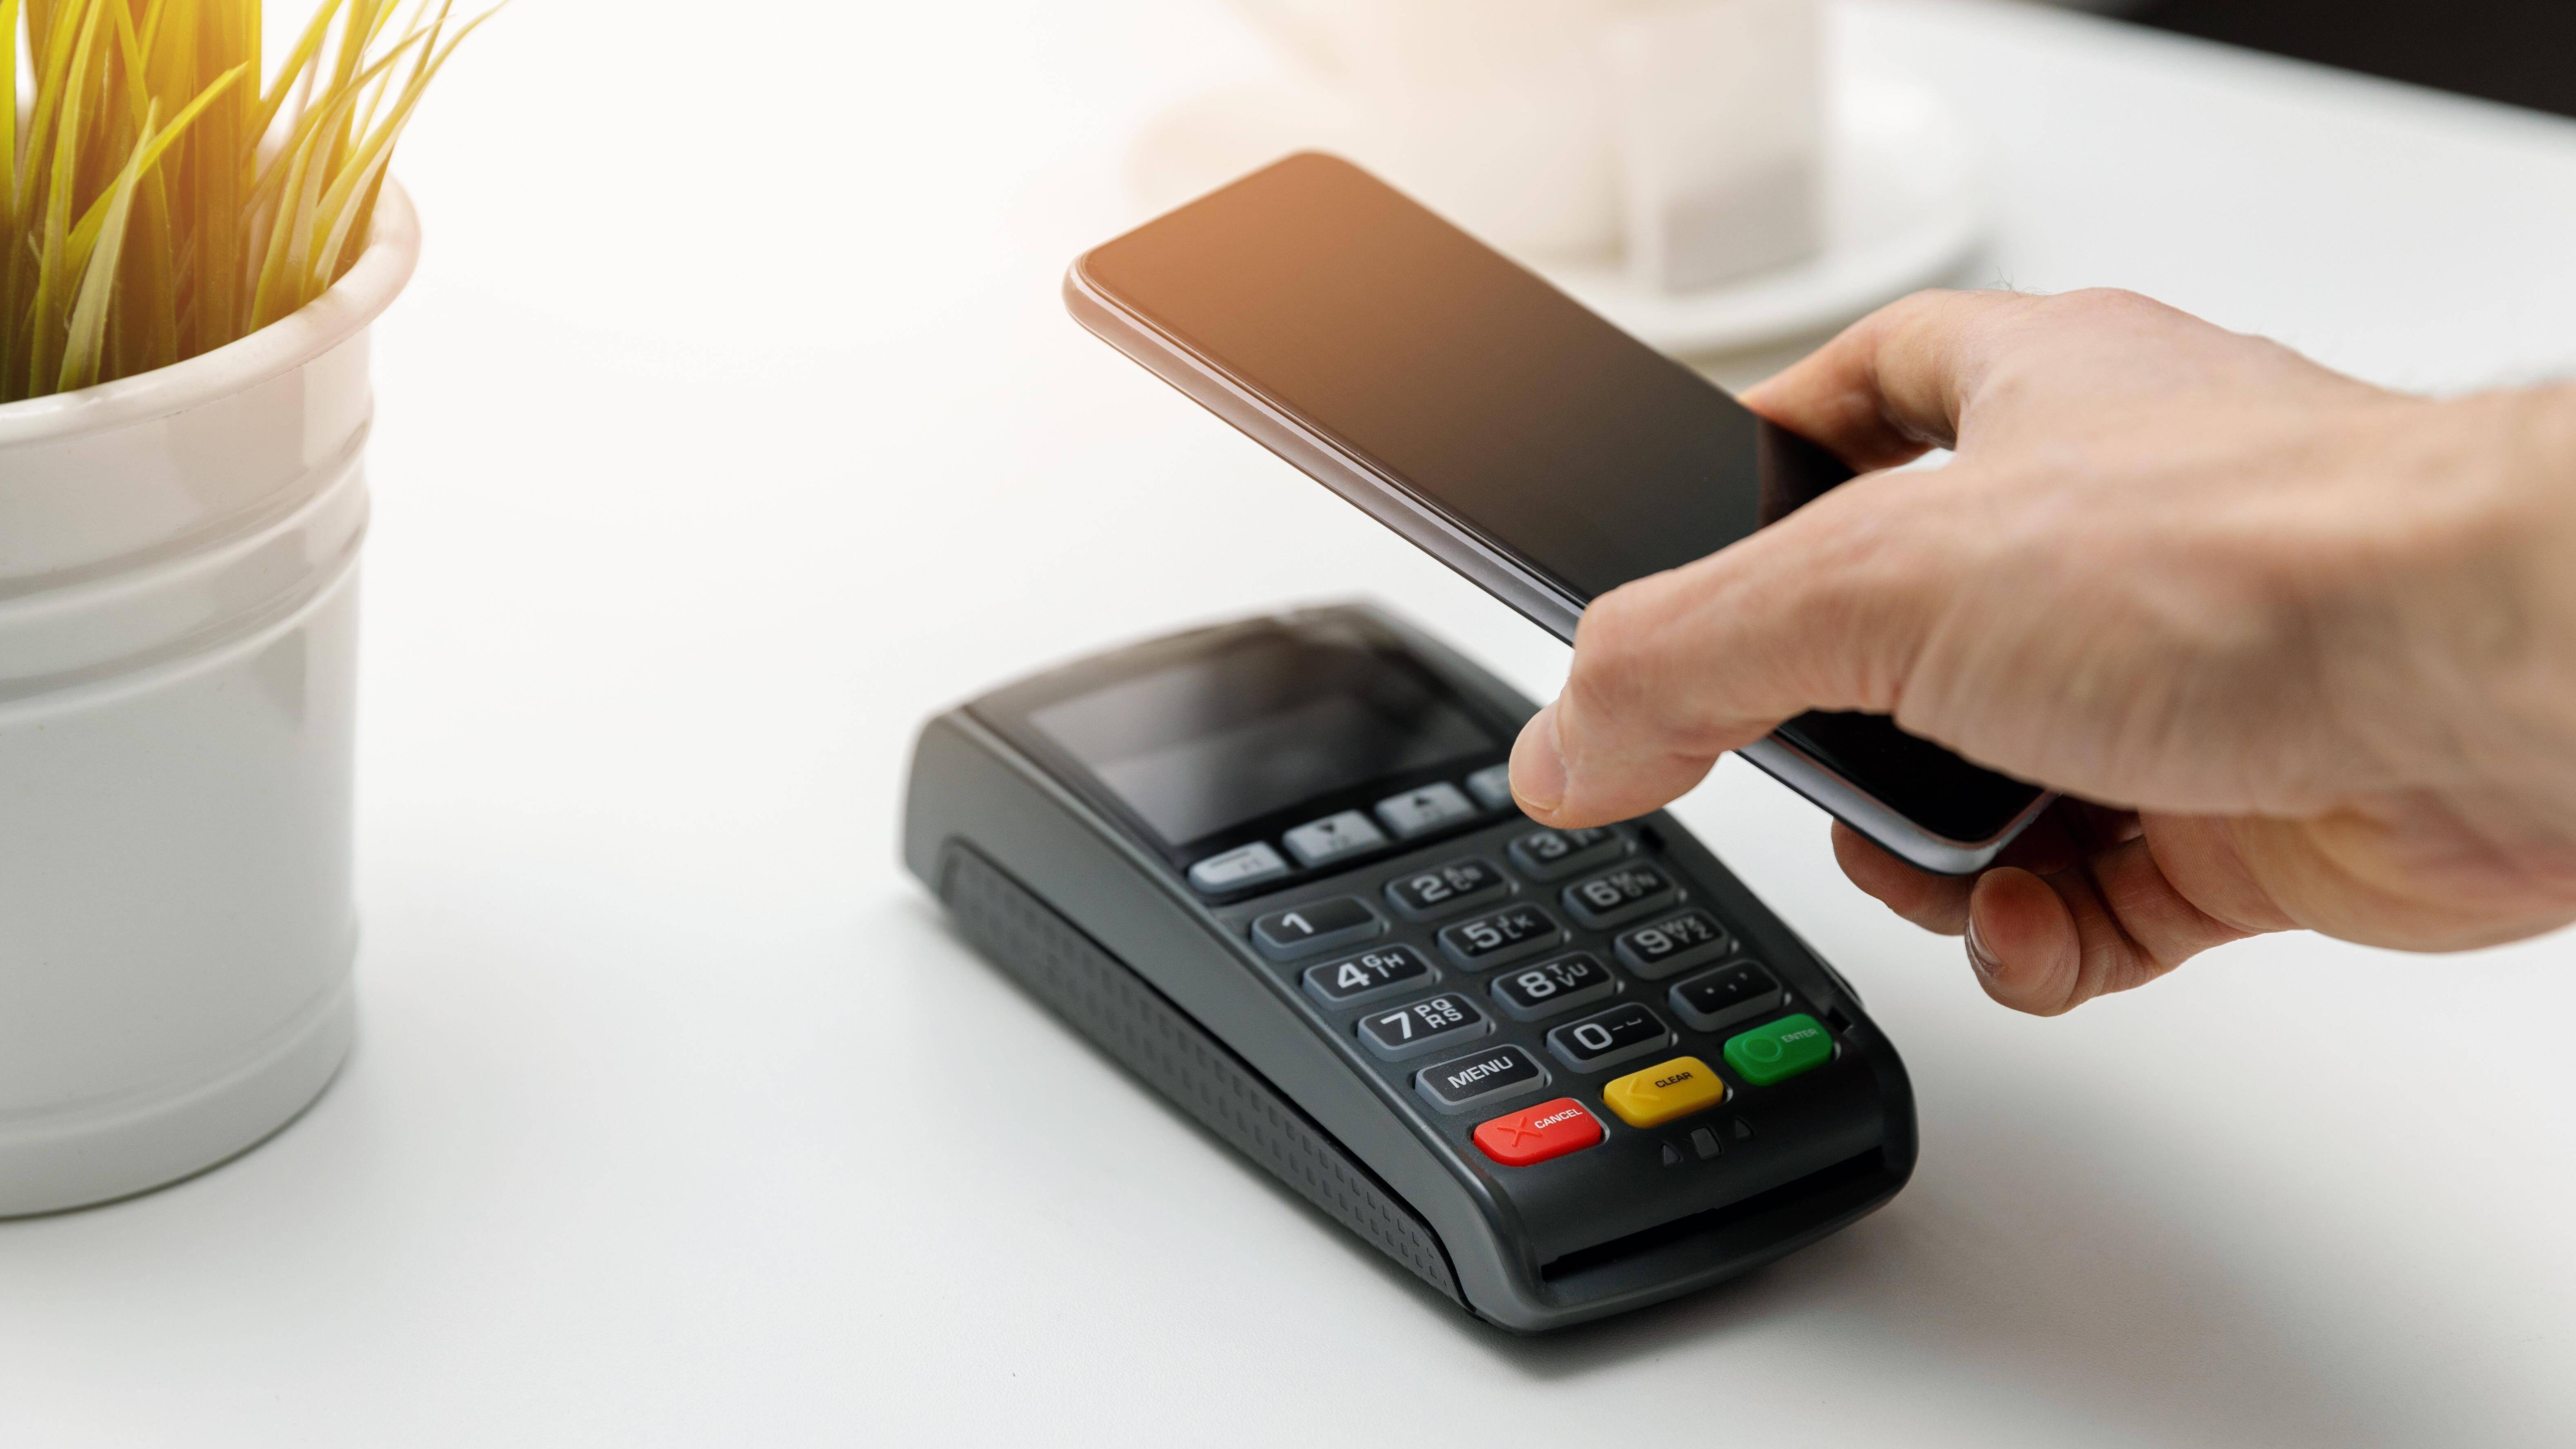 NFC: So funktioniert Near Field Communication